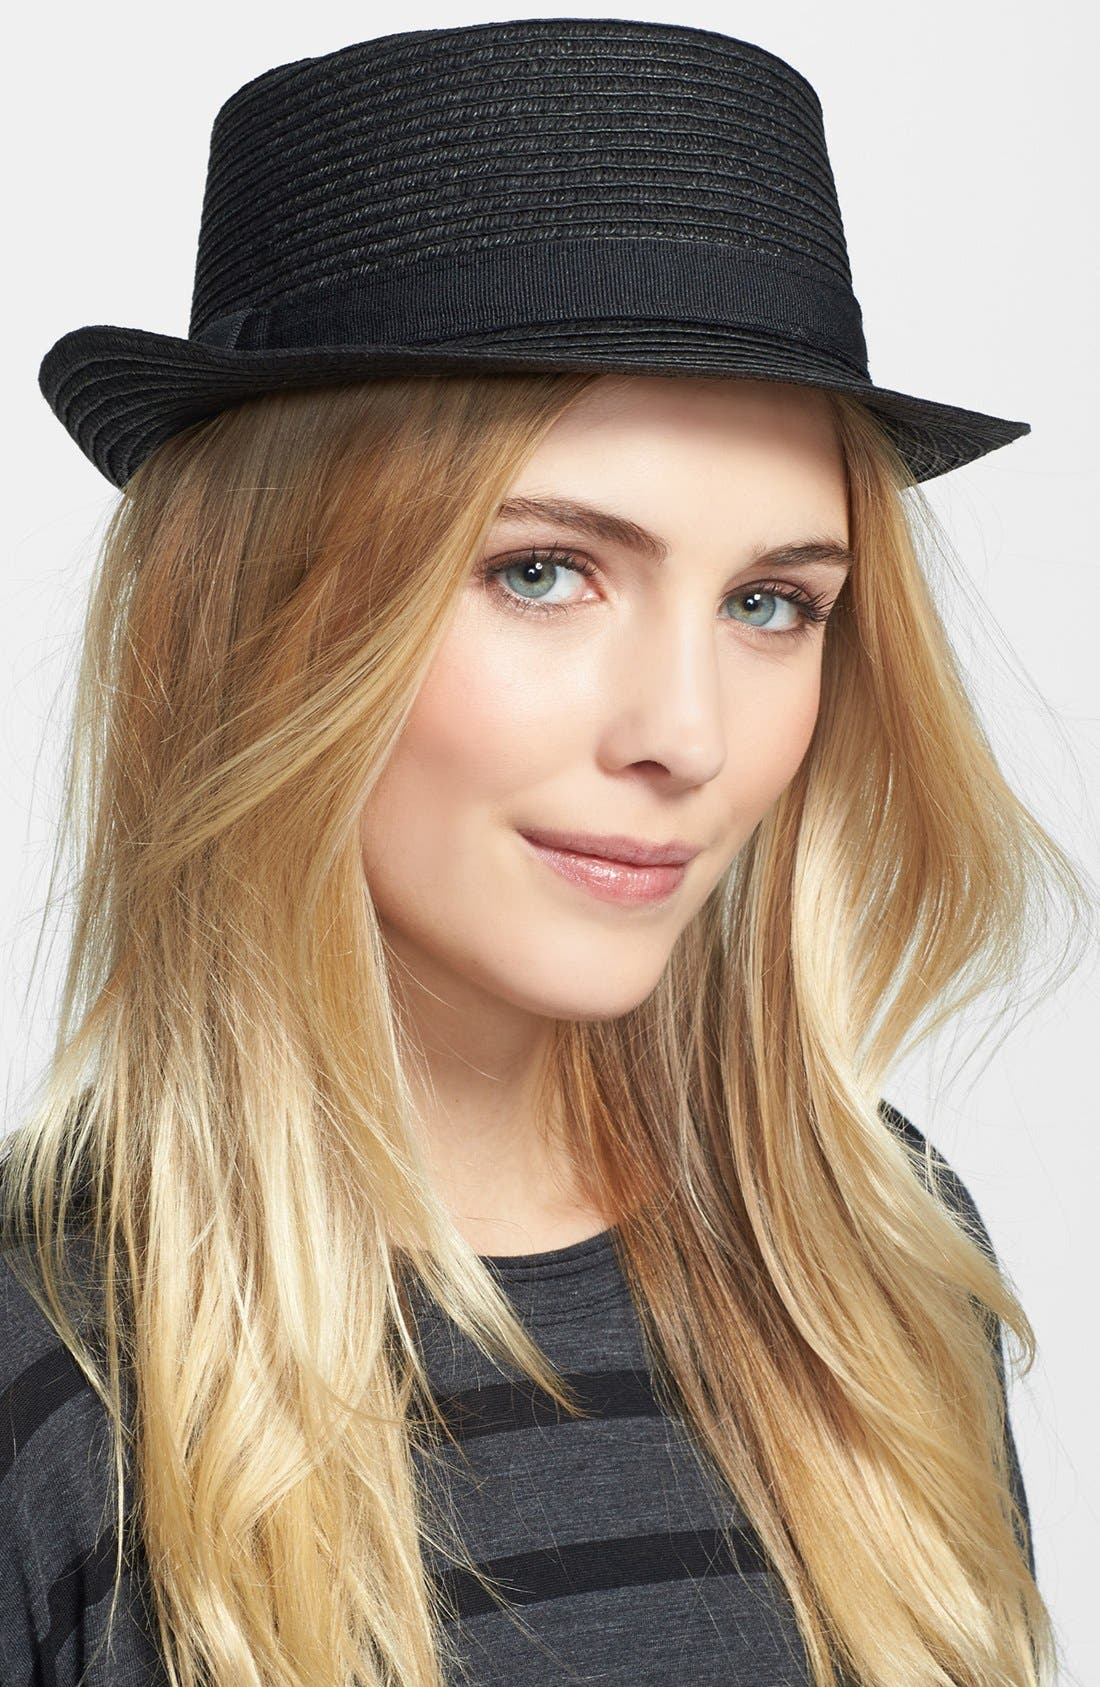 Alternate Image 1 Selected - Nordstrom Boater Hat